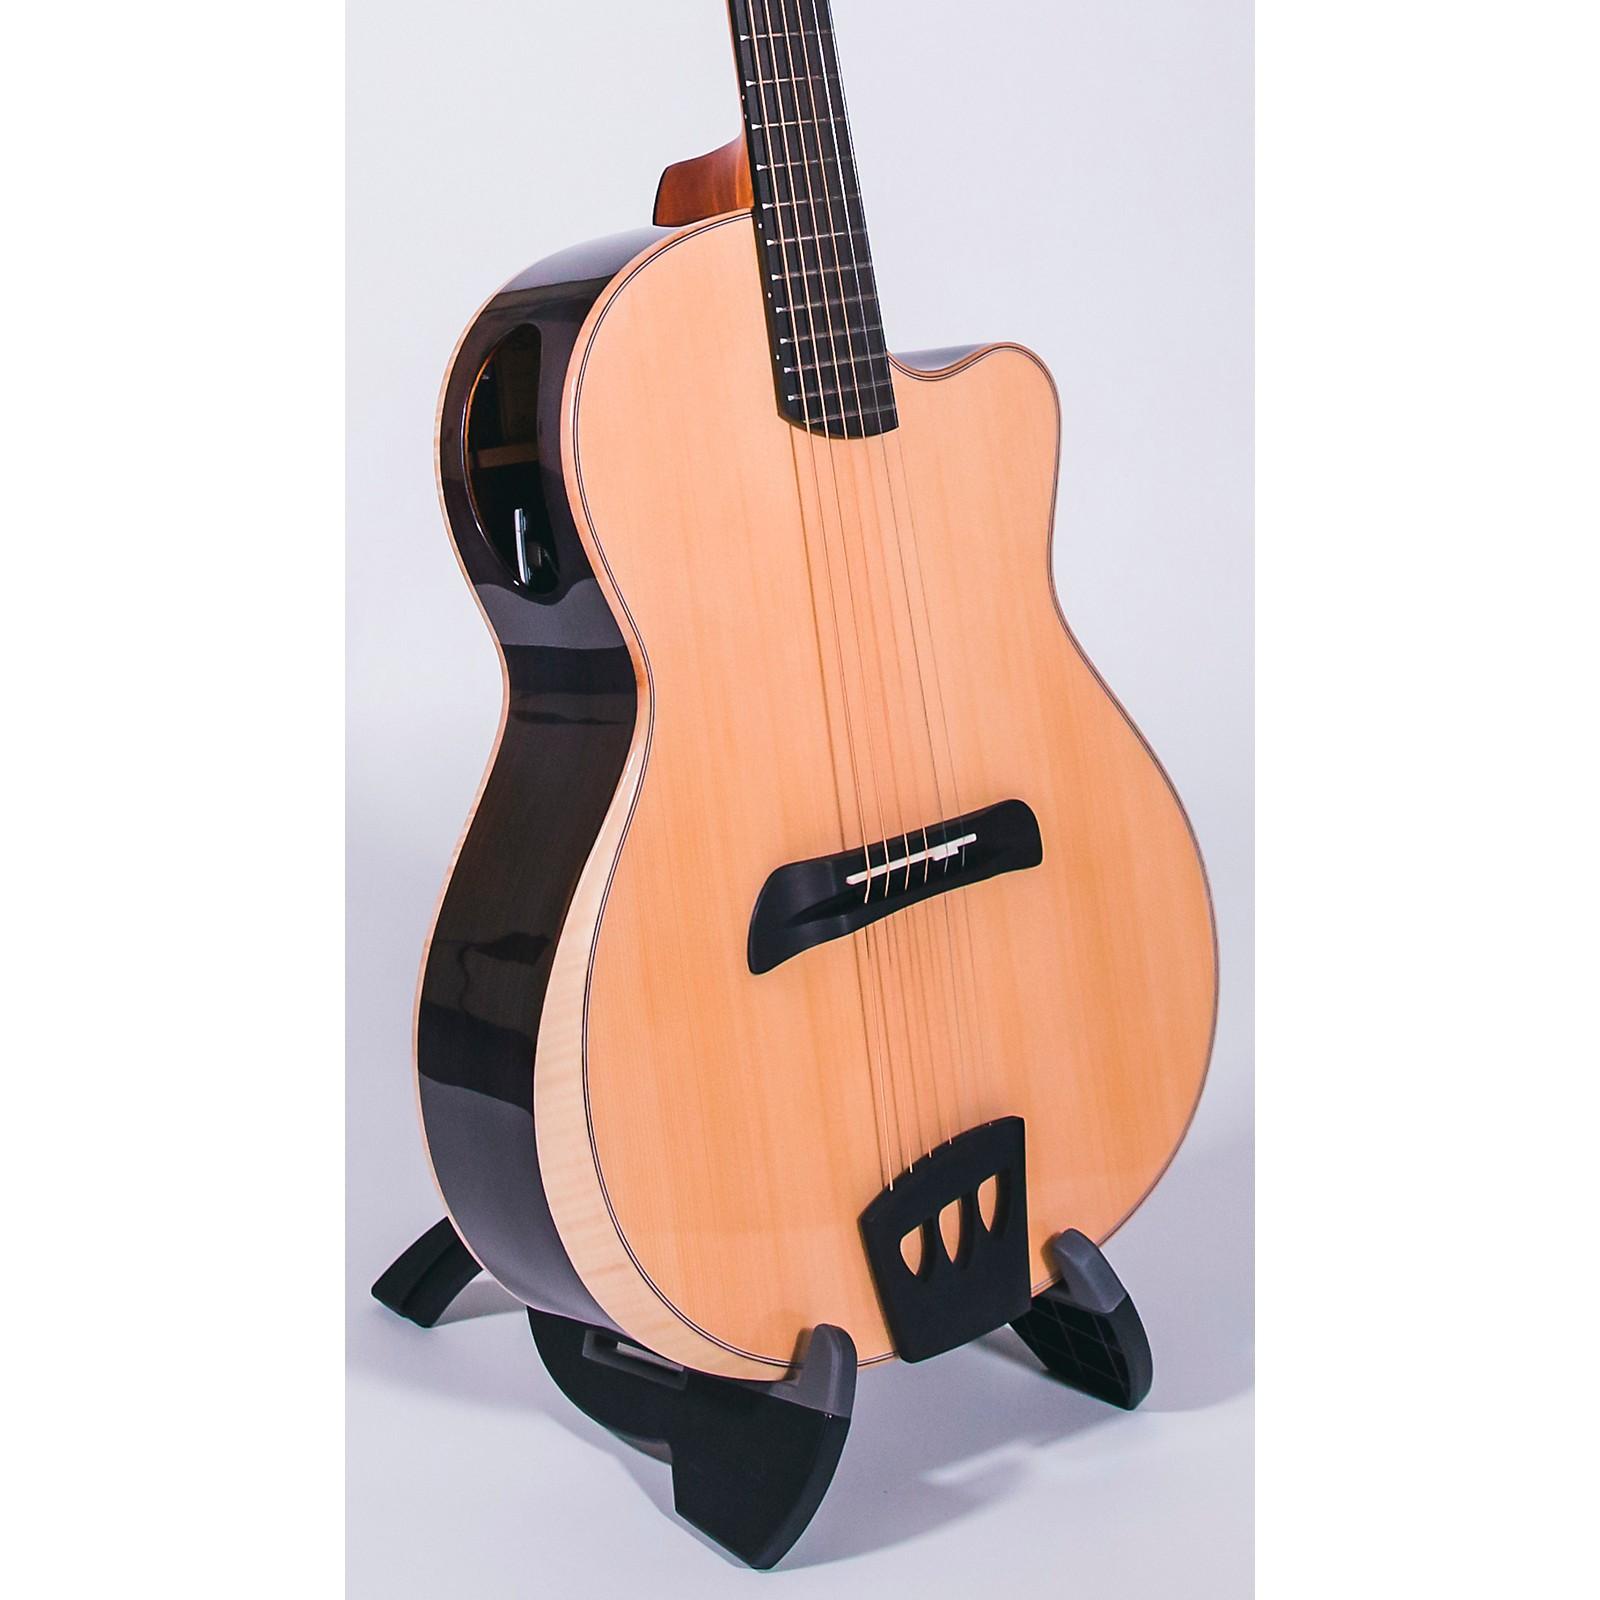 Batson Guitars Troubadour Acoustic-Electric Guitar